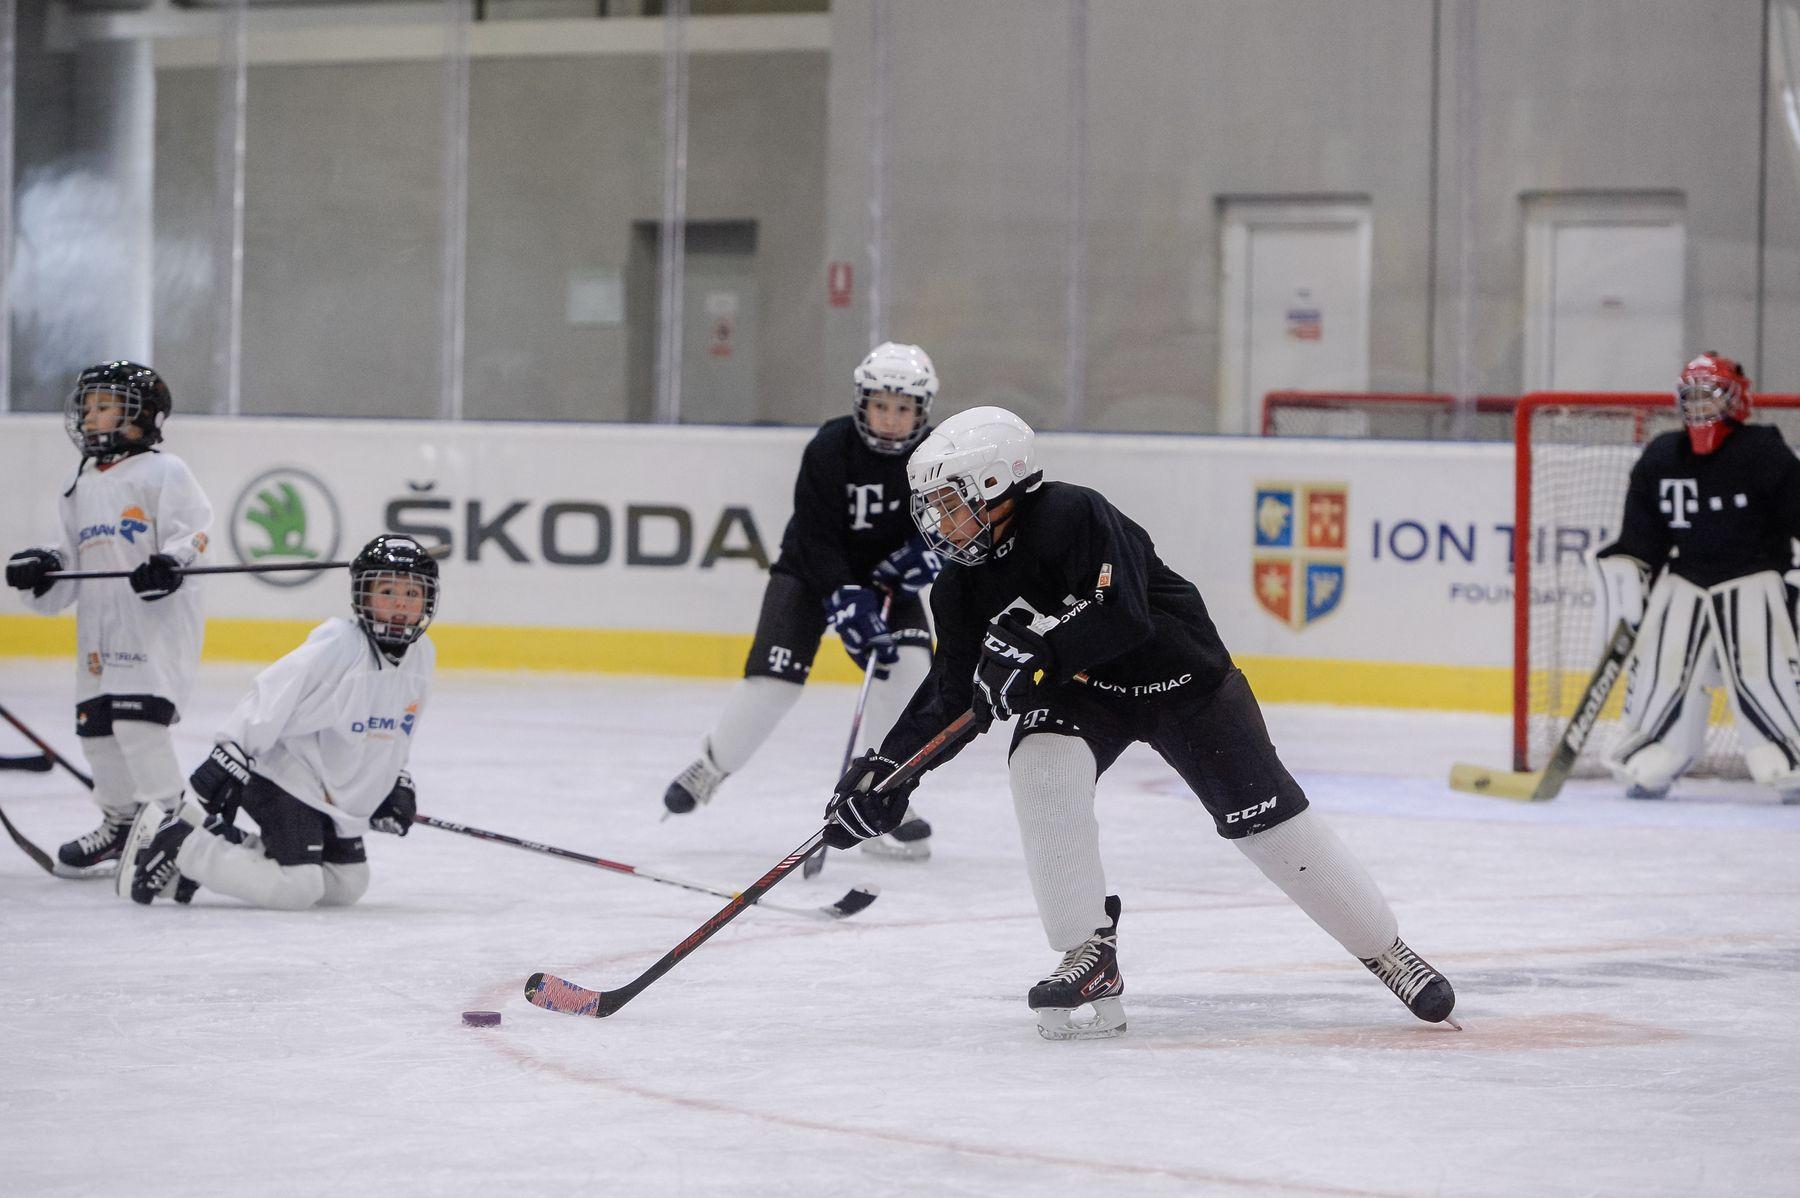 patinaorul Telekom Arena - echipe juniori Telekom si Dedeman antrenament